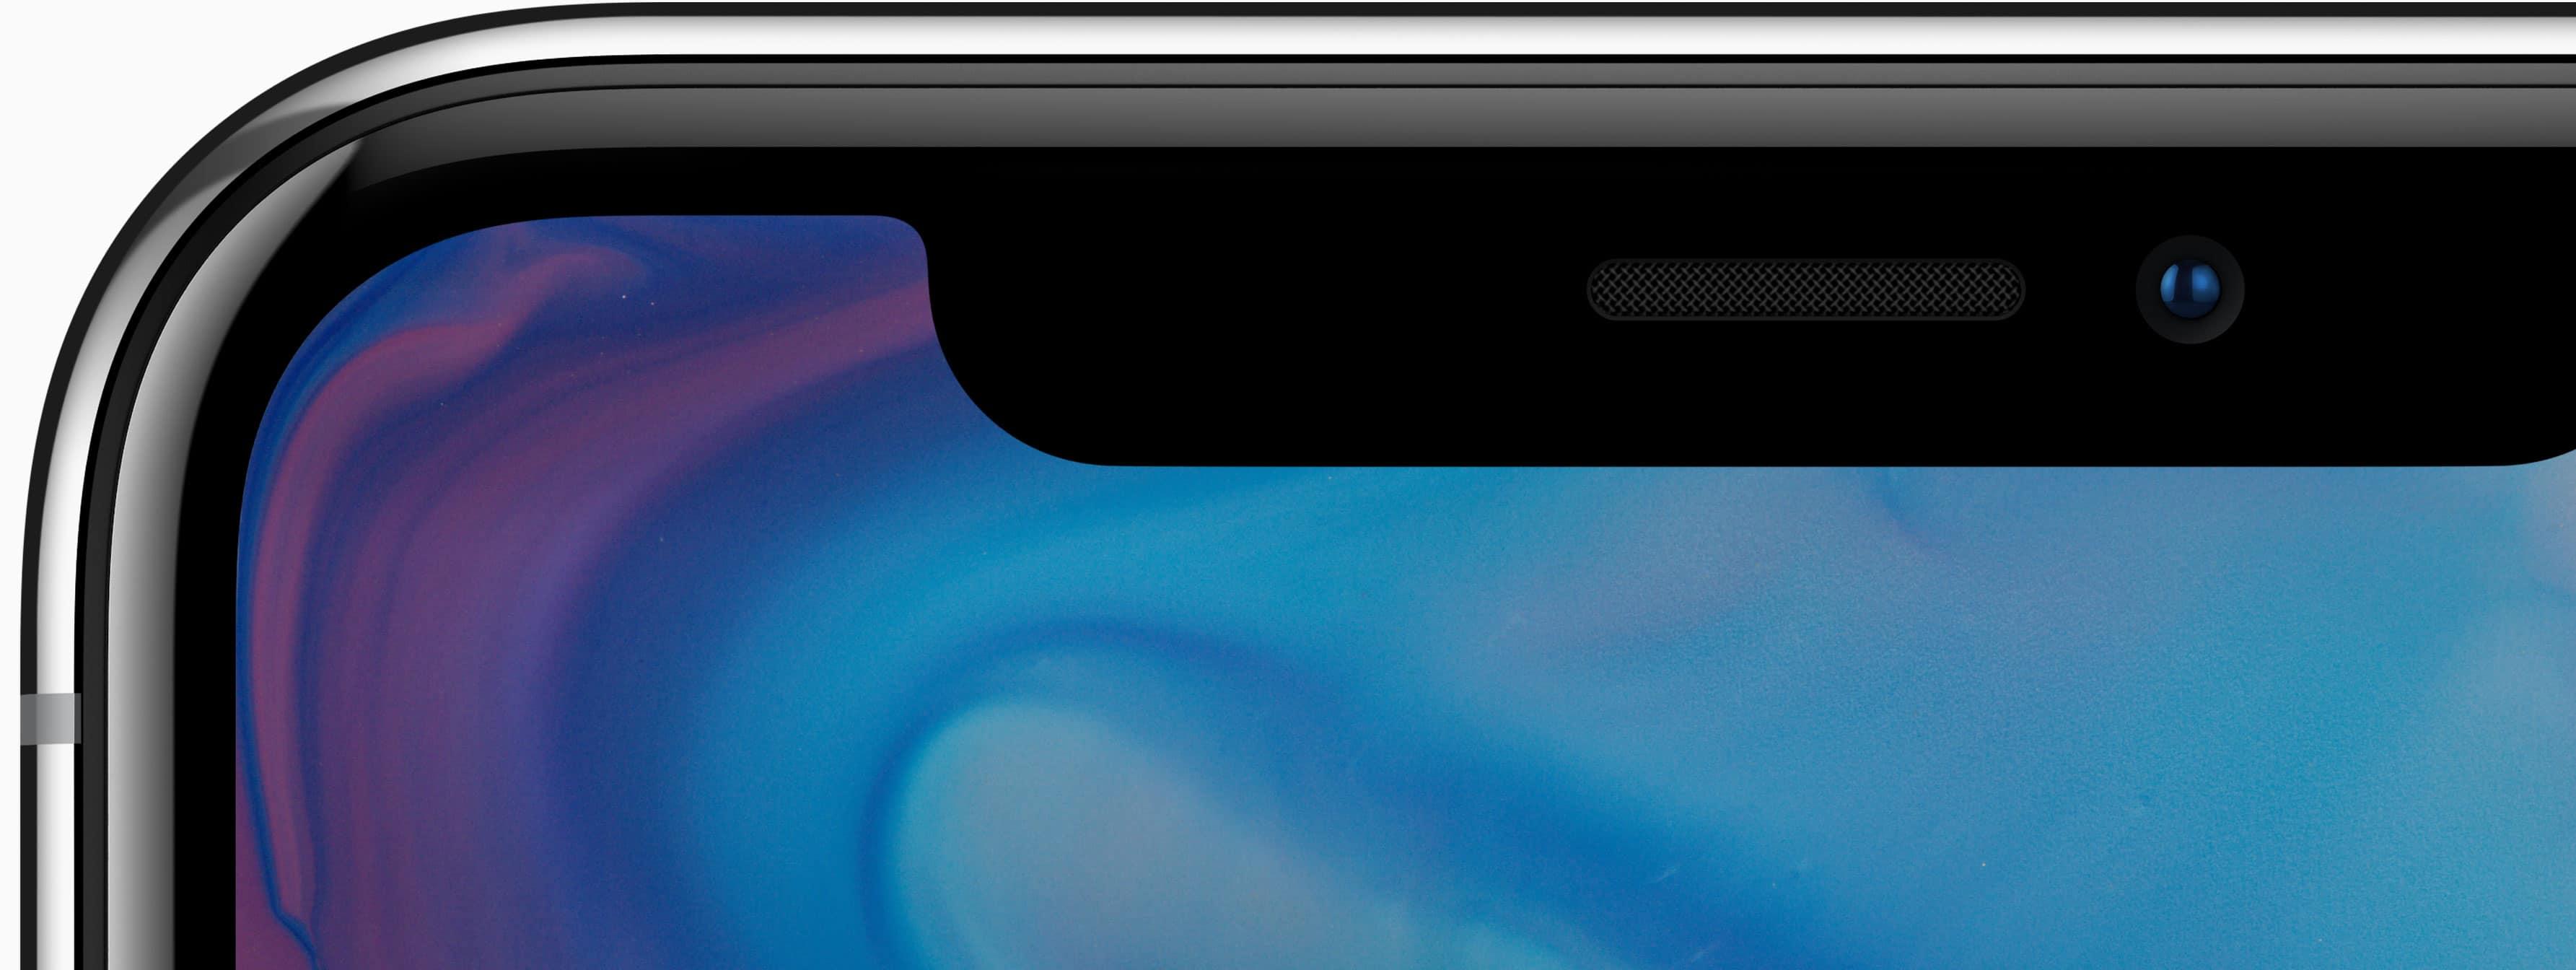 Câmera frontal do iPhone X